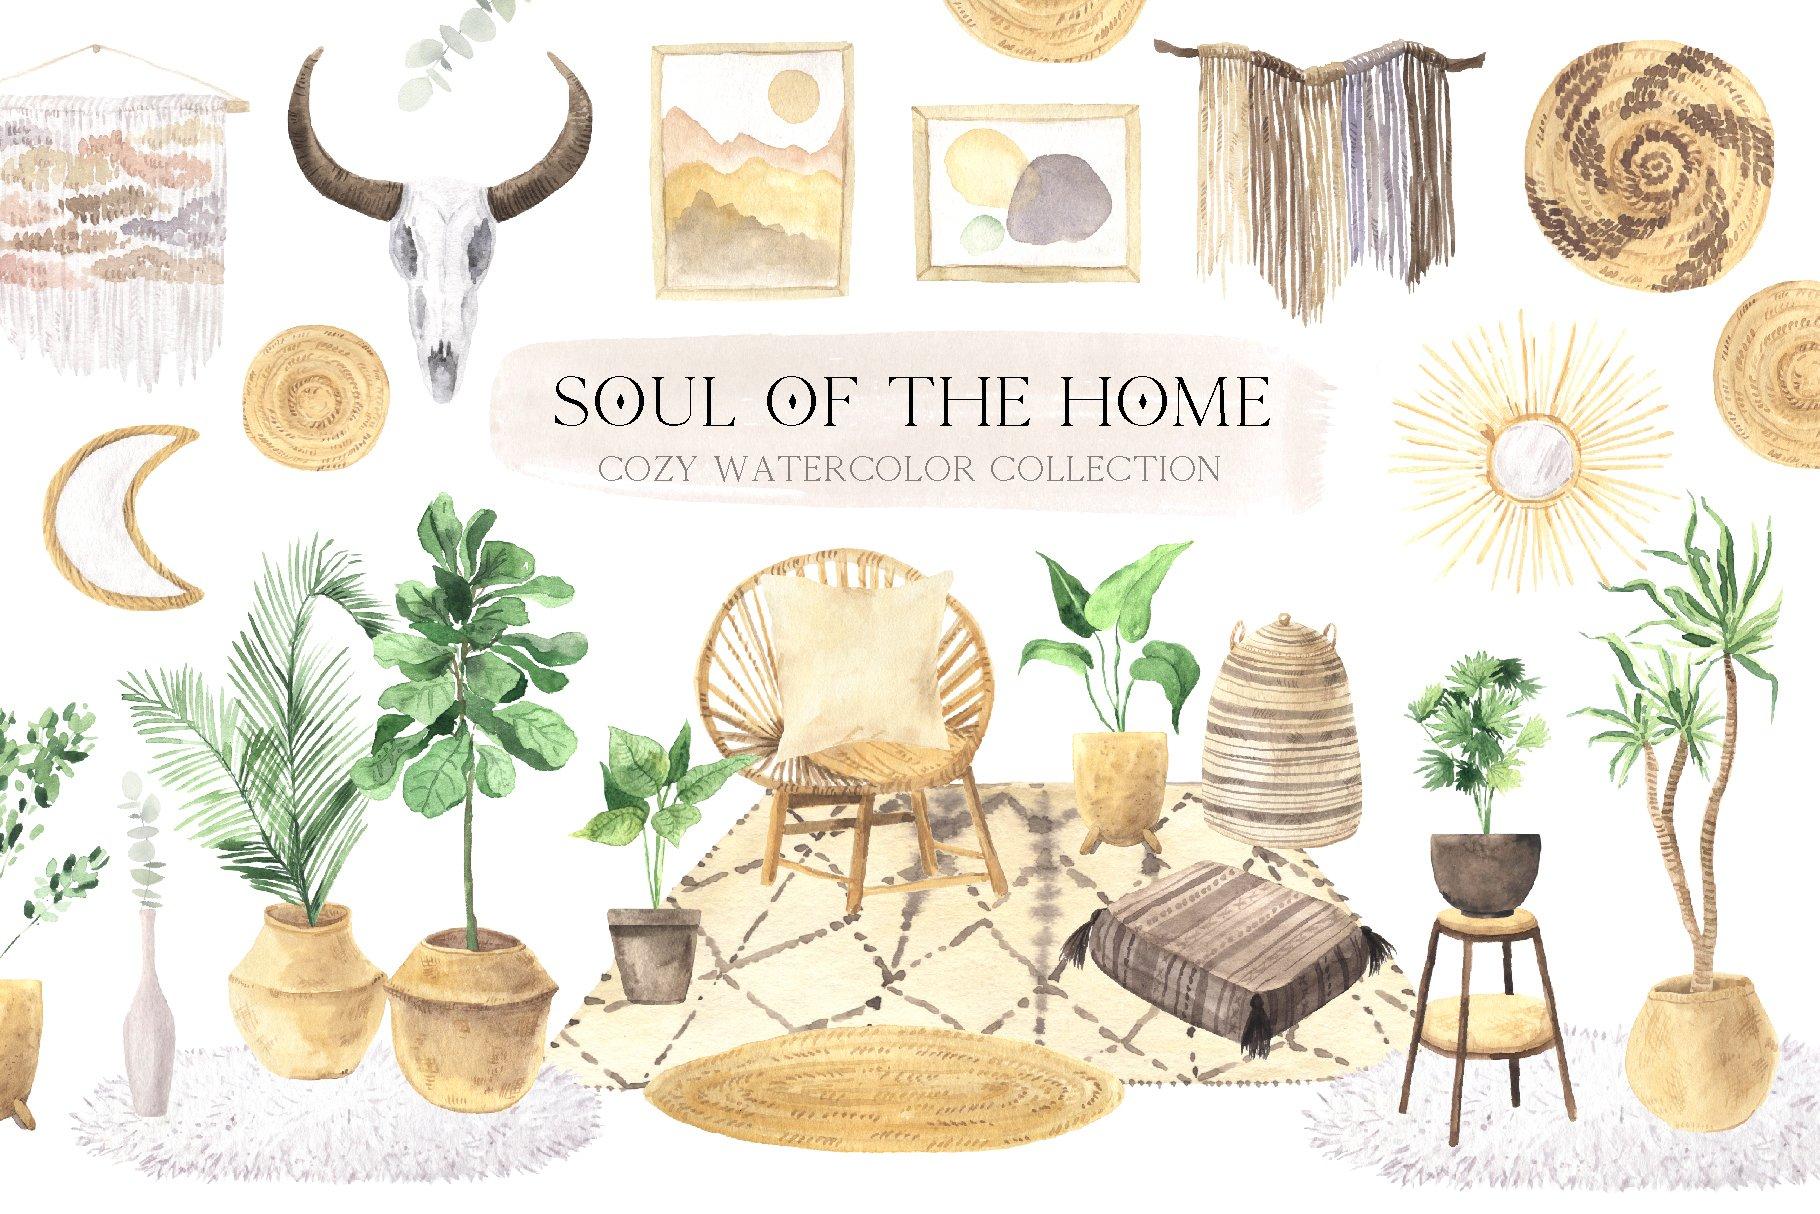 现代新潮手绘波西米亚风室内盆栽植物水彩剪贴画PNG免抠图片素材 Boho Home Interior Clipart插图